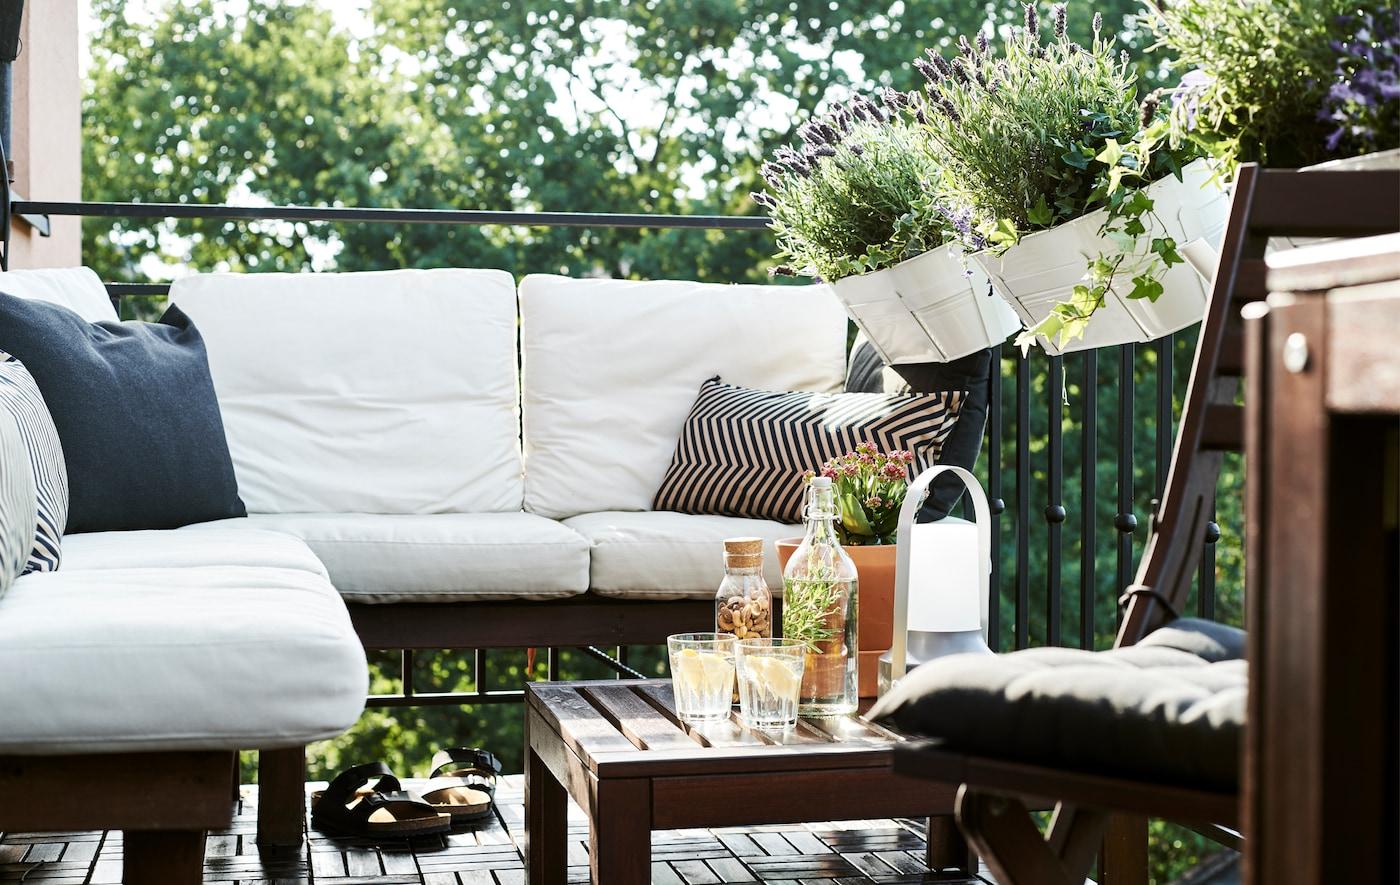 Nameštaj od tamnog drveta s belim jastucima na balkonu sa saksijskim biljkama.